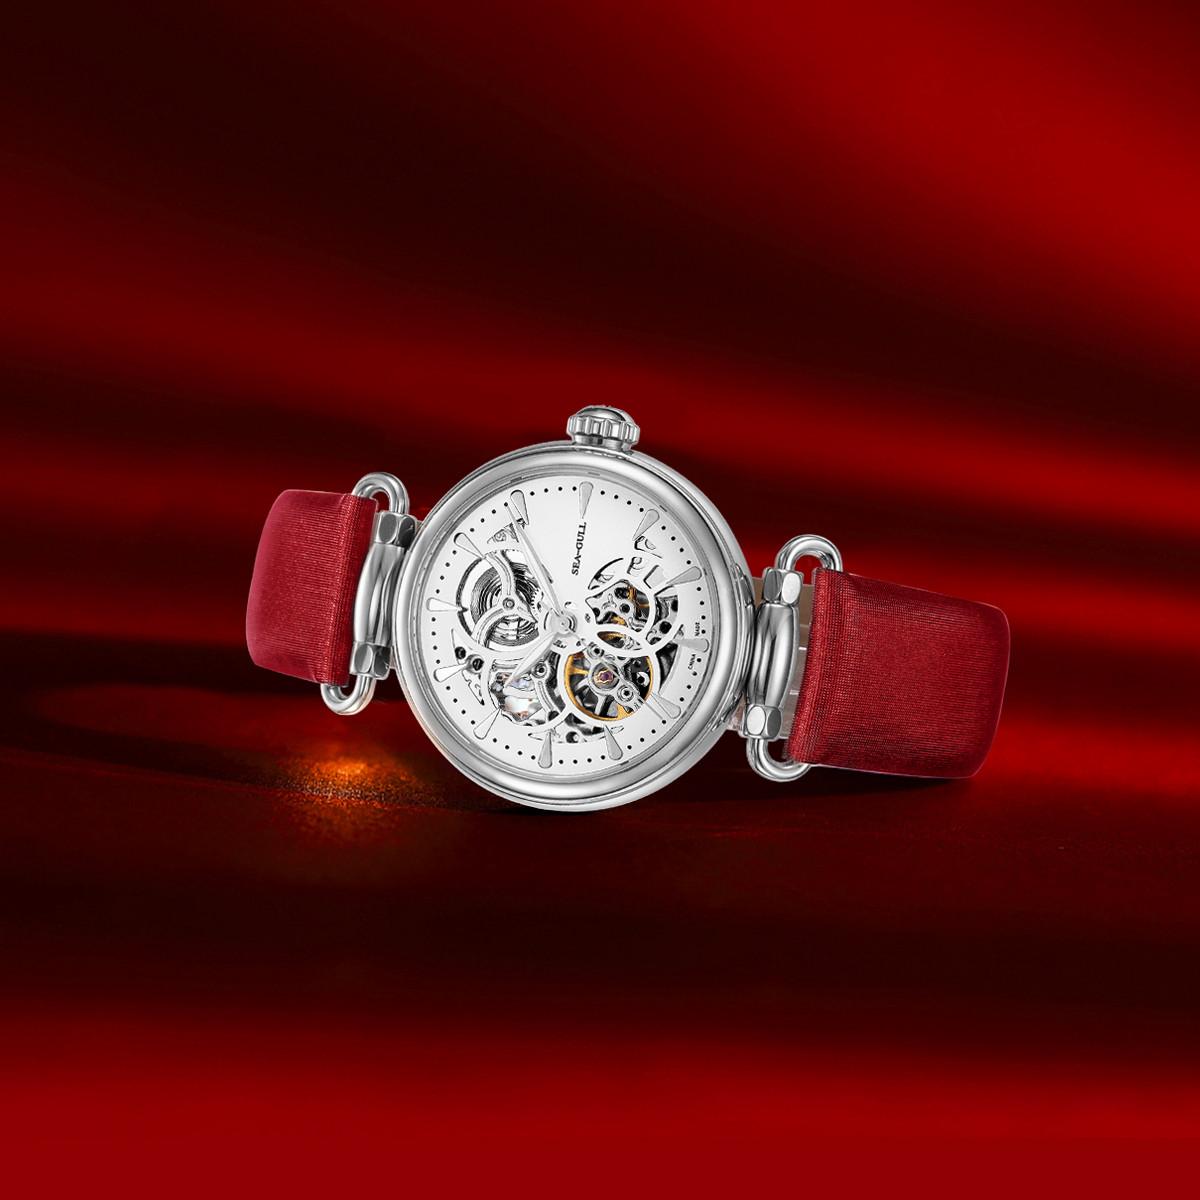 海鸥【畅销推荐】女士机械手表镂空绢带时尚潮流自动机械女士手表女表TO0D013634L17